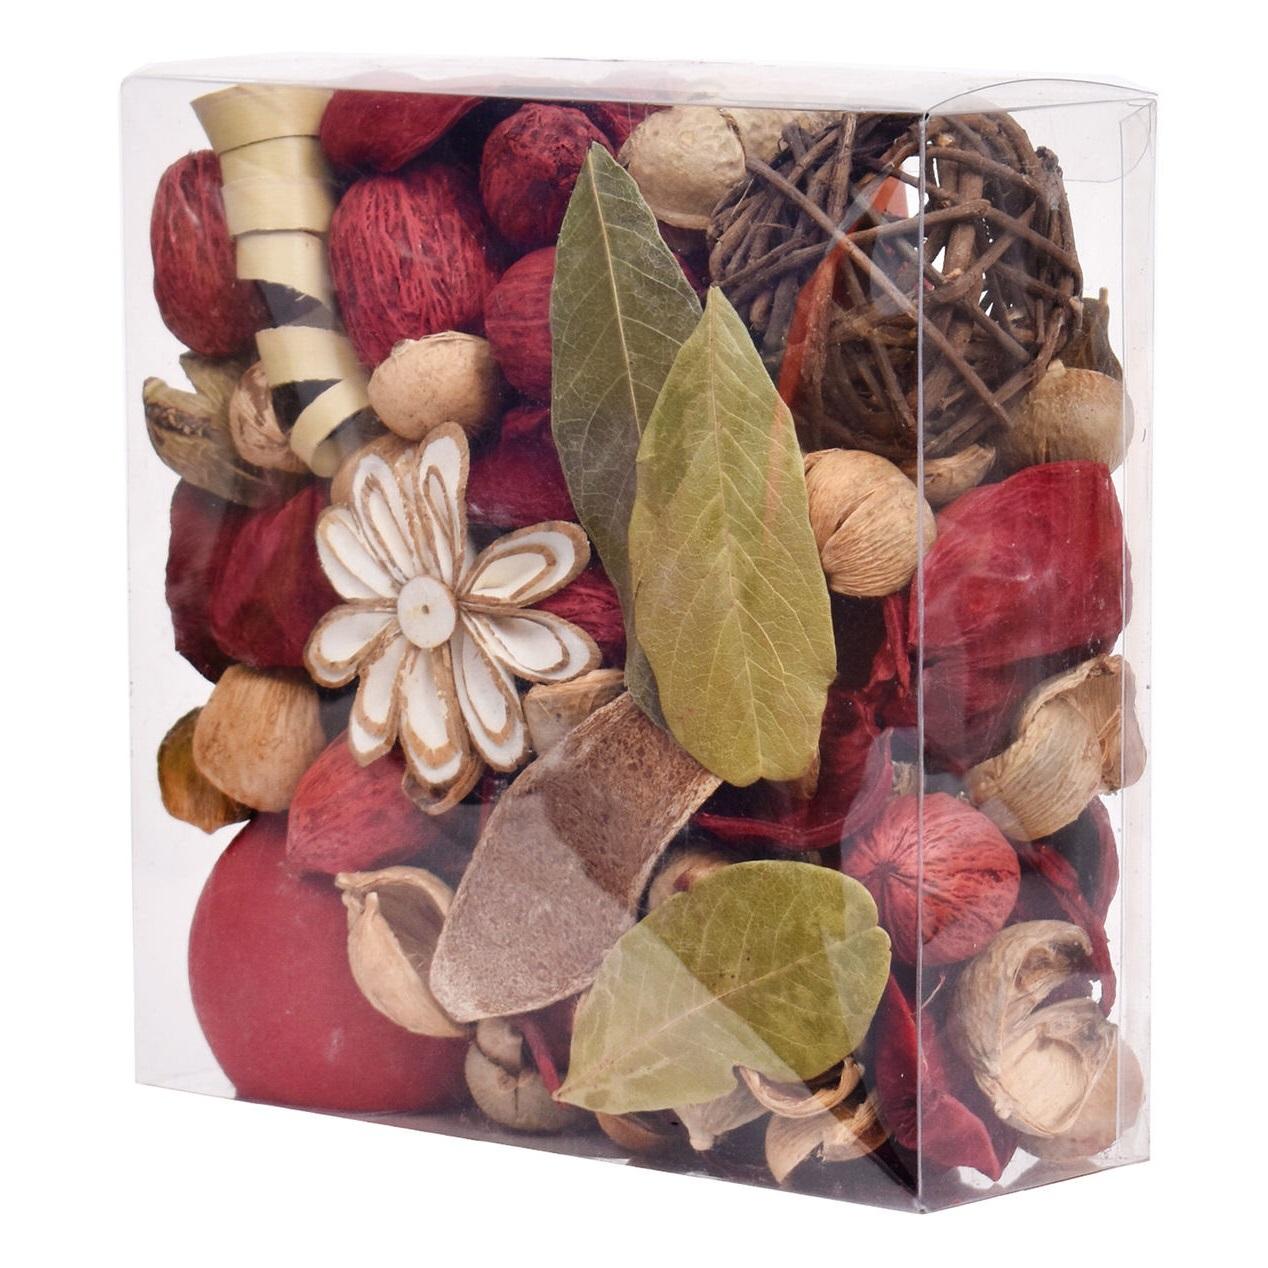 Mettez le pot-pourri dans un bocal ou une boîte pour garder sa belle odeur plus longtemps.